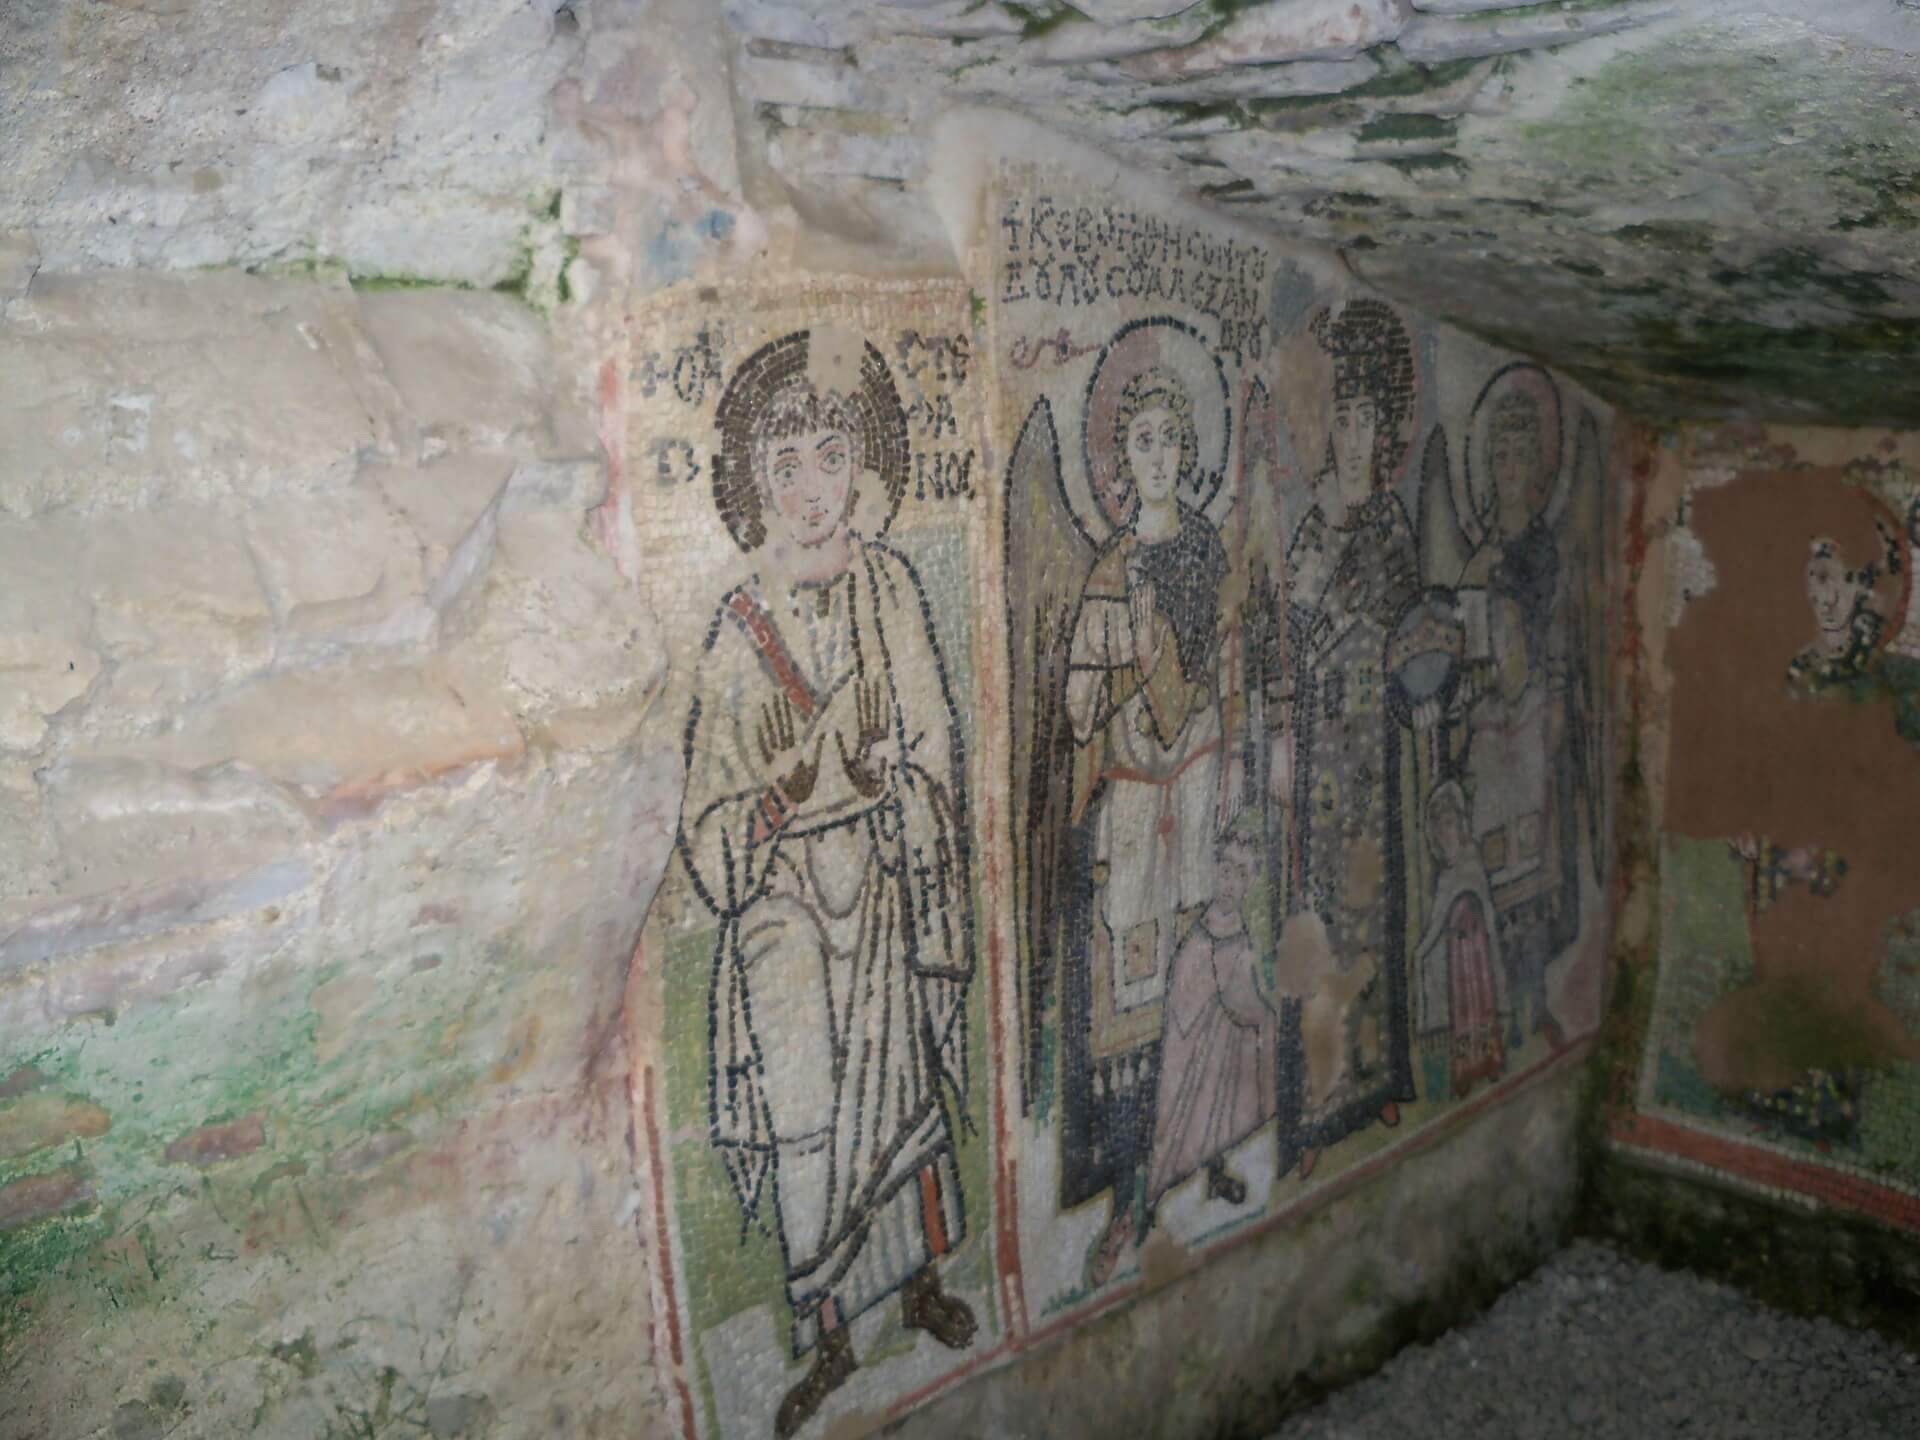 Muurafbeeldingen bij opgravingen in het amfitheater van Durres